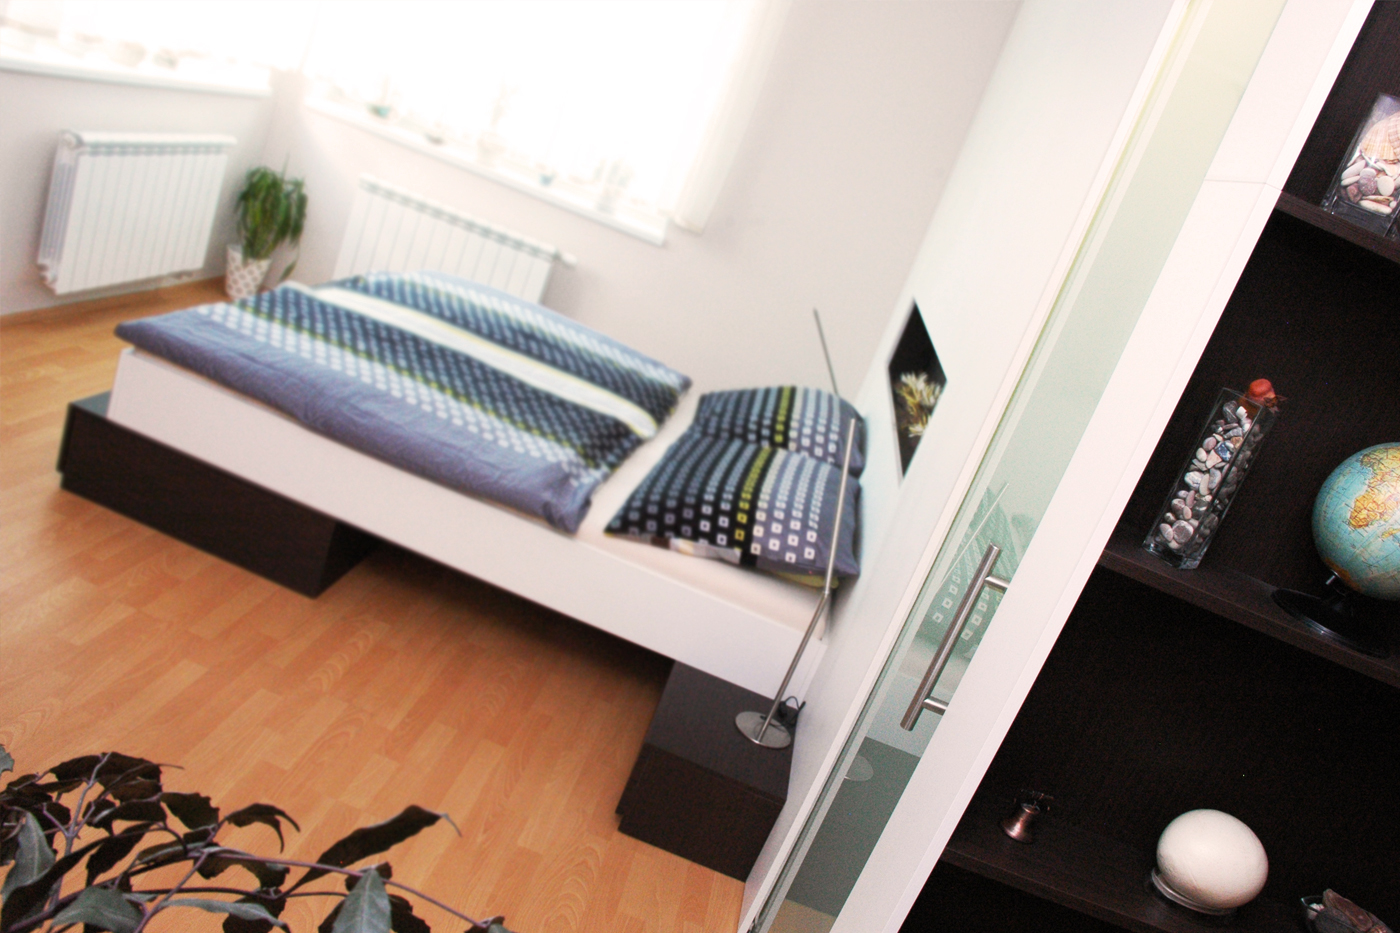 Rám postele leží na dvou kvádrech, které fungují jako noční stolky se šuplíky a velký šuplík pro lůžkoviny.